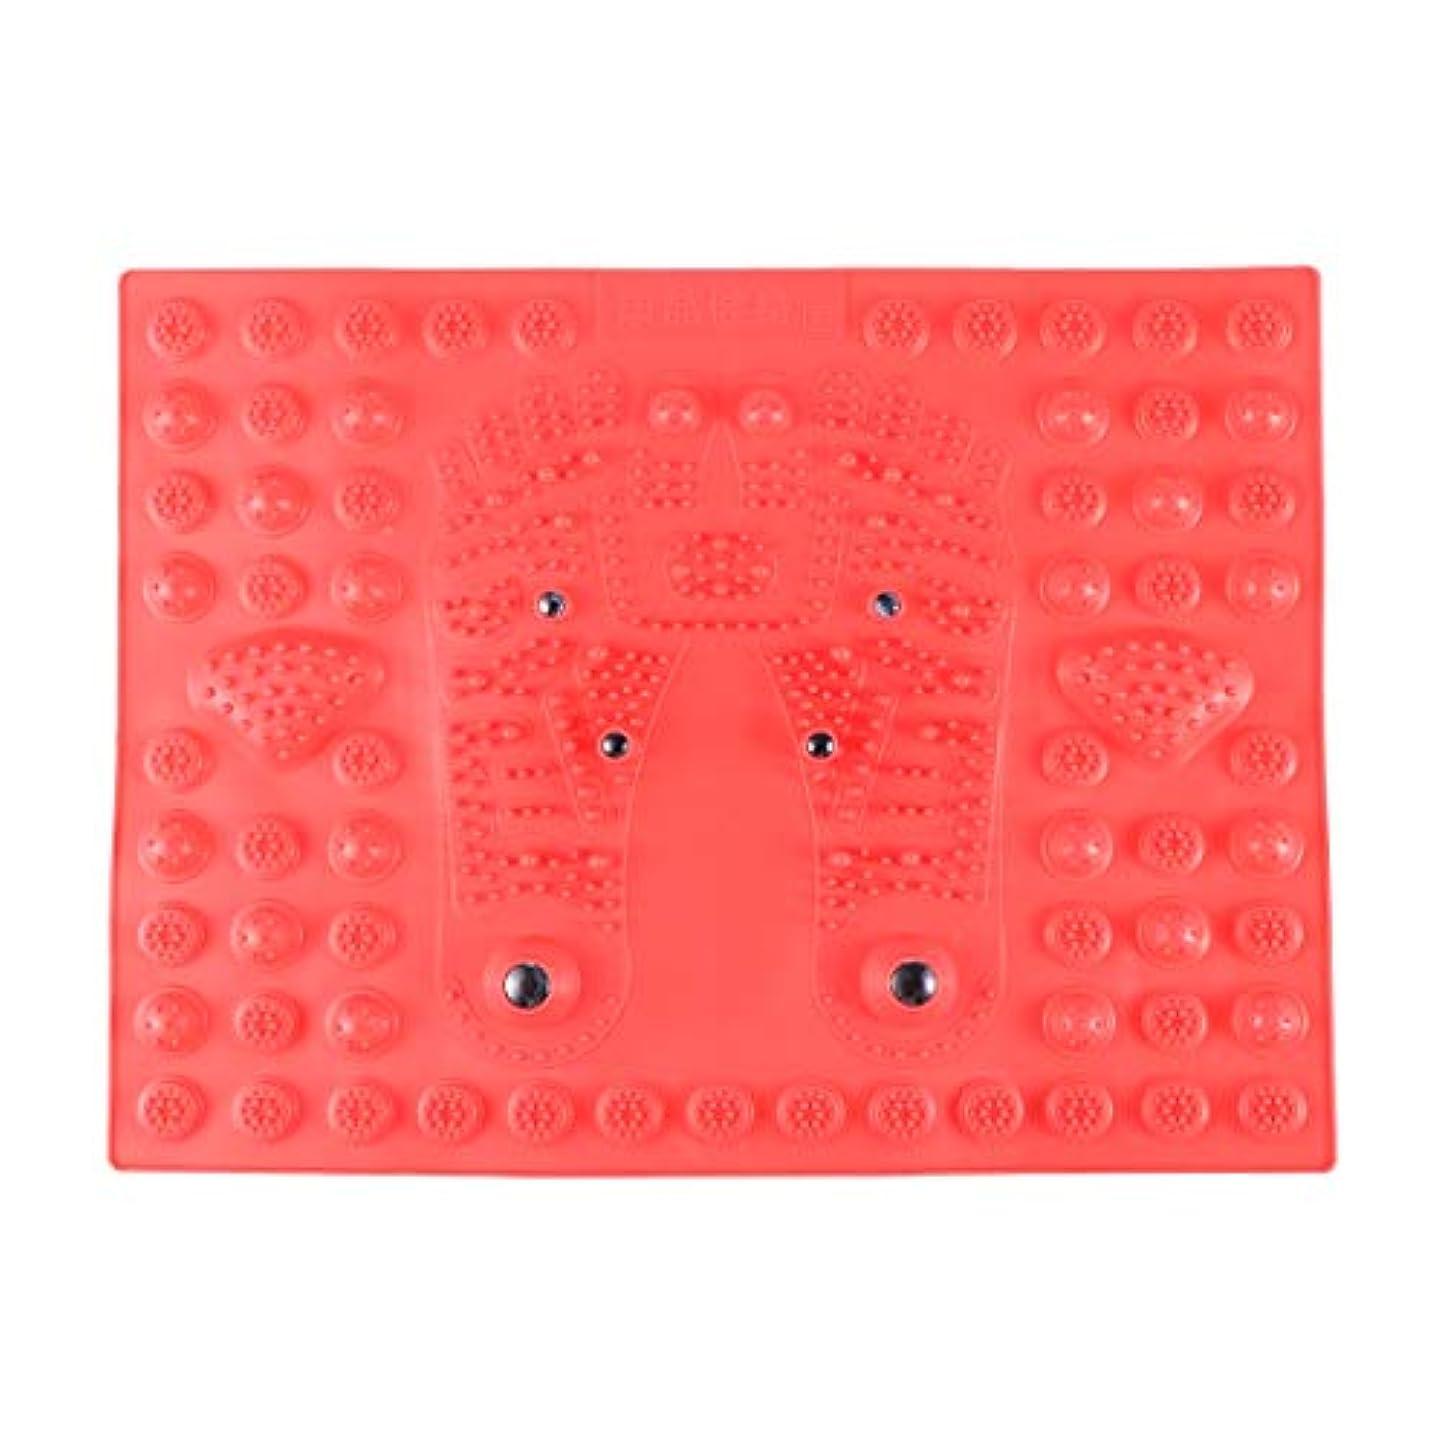 デマンド限りプラスチックHealifty 指圧フットマットフット磁気療法マッサージャーガーデンマッサージパッド(レッド)